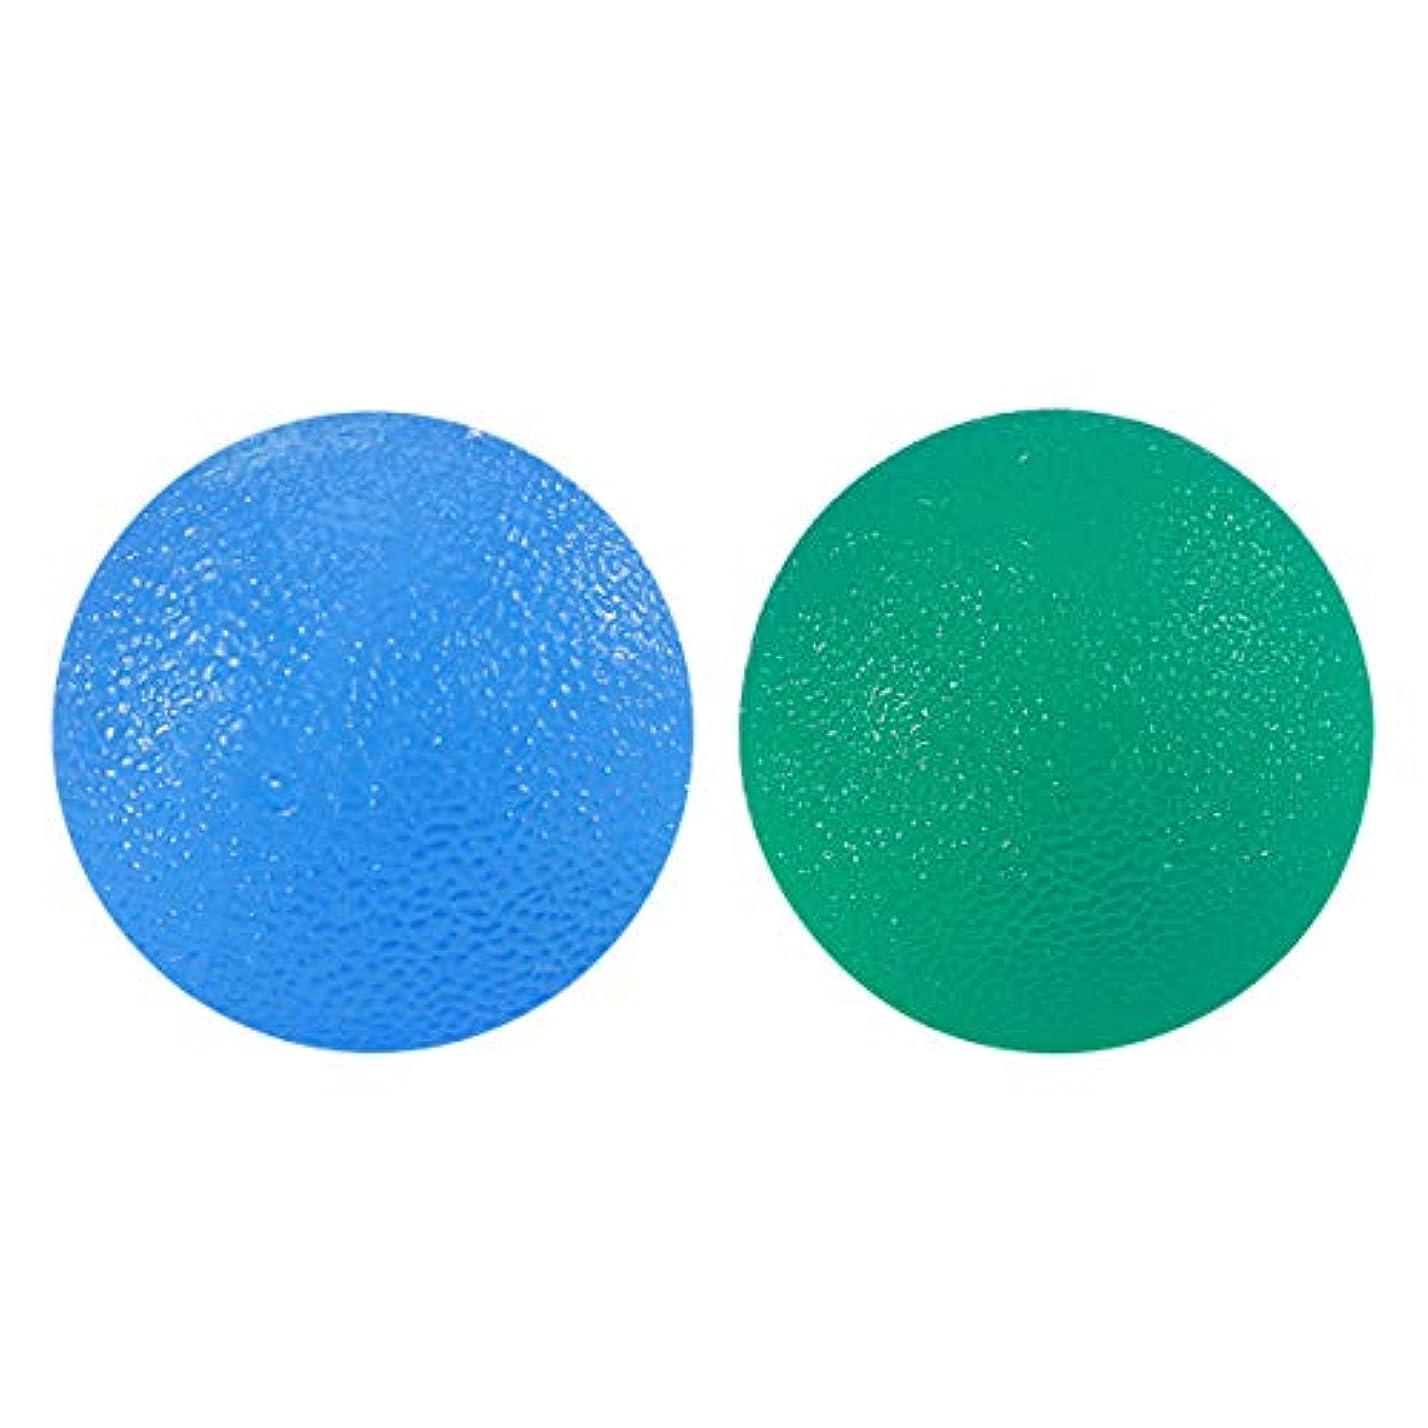 ROSENICE フィンガーセラピーボールエクササイズボールハンドリハビリトレインボール2個